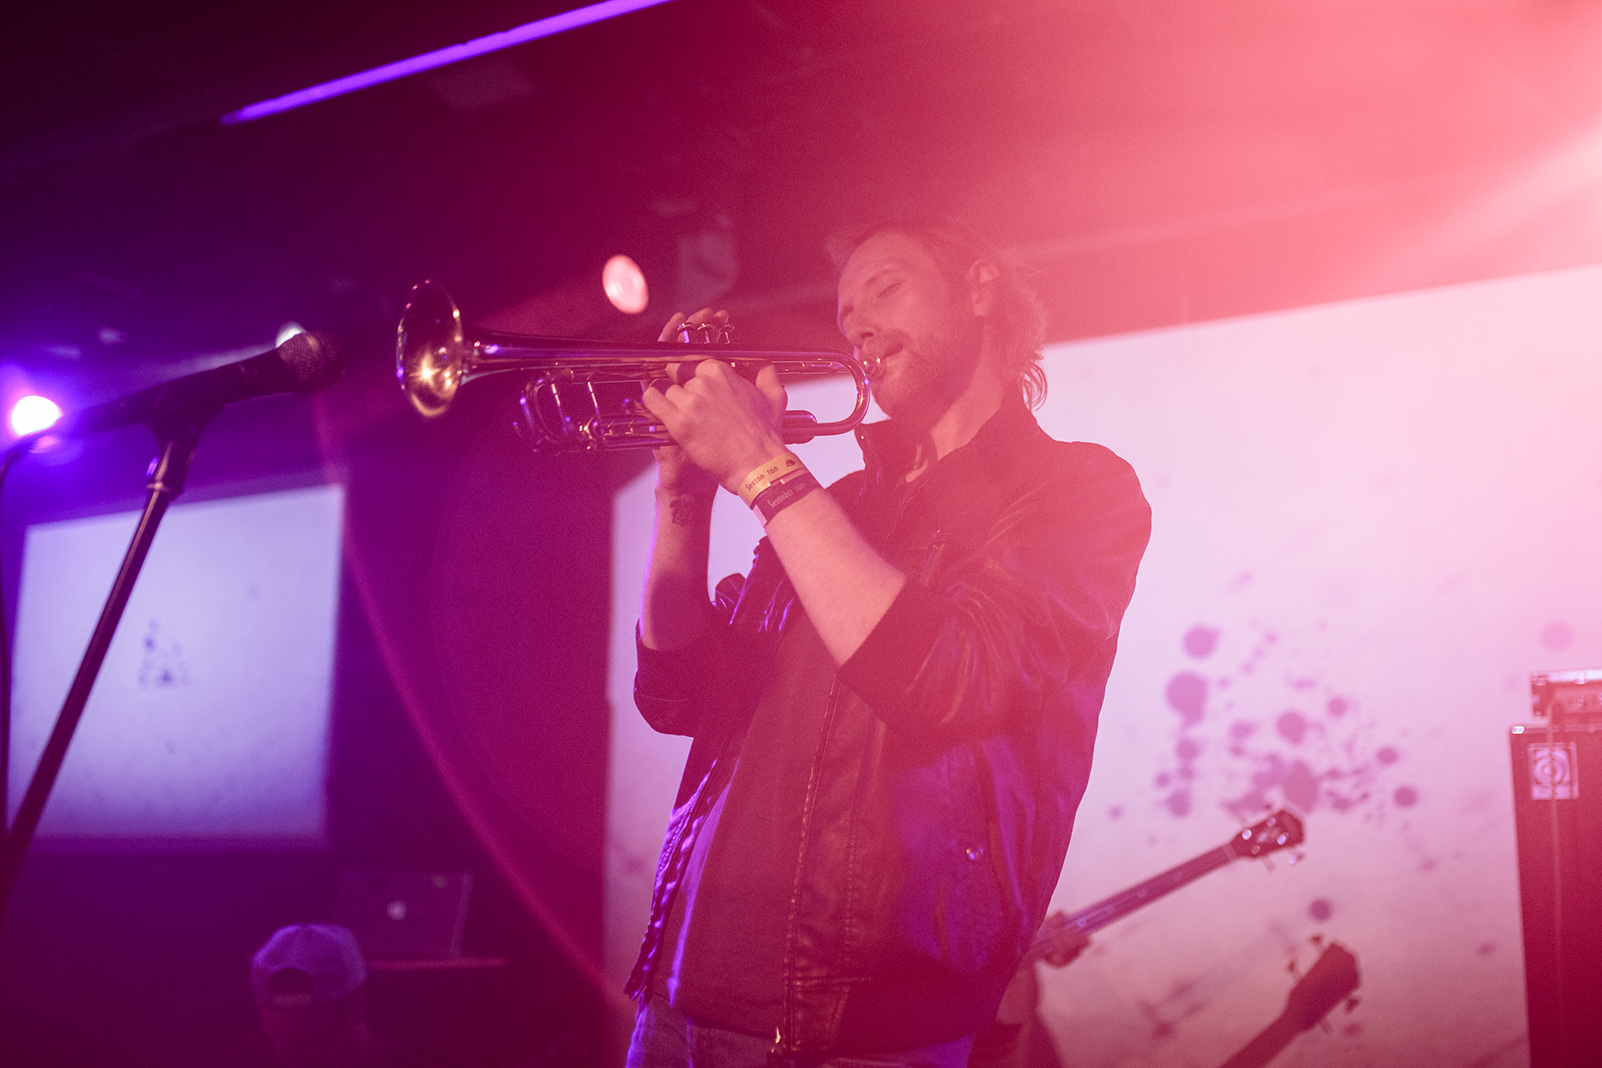 Фото Dark Jazz Night, Fogh Depot, Dvory